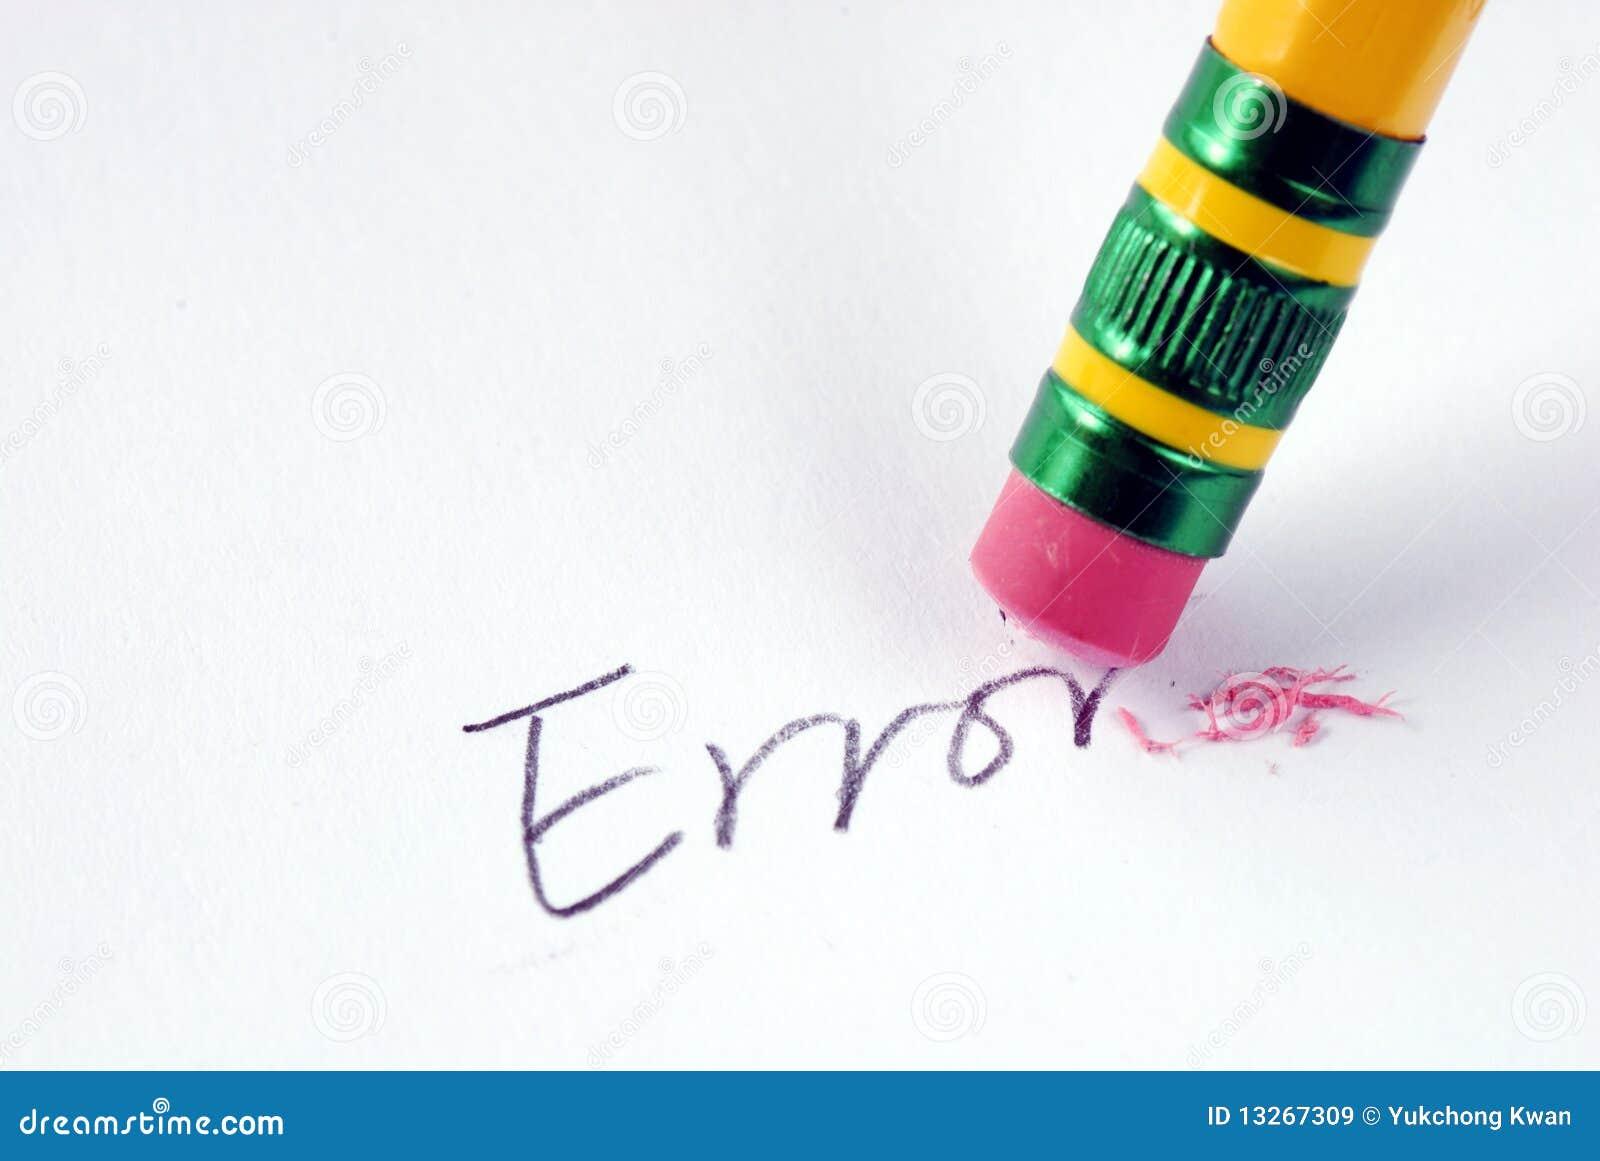 Erase błędu gumowy słowo